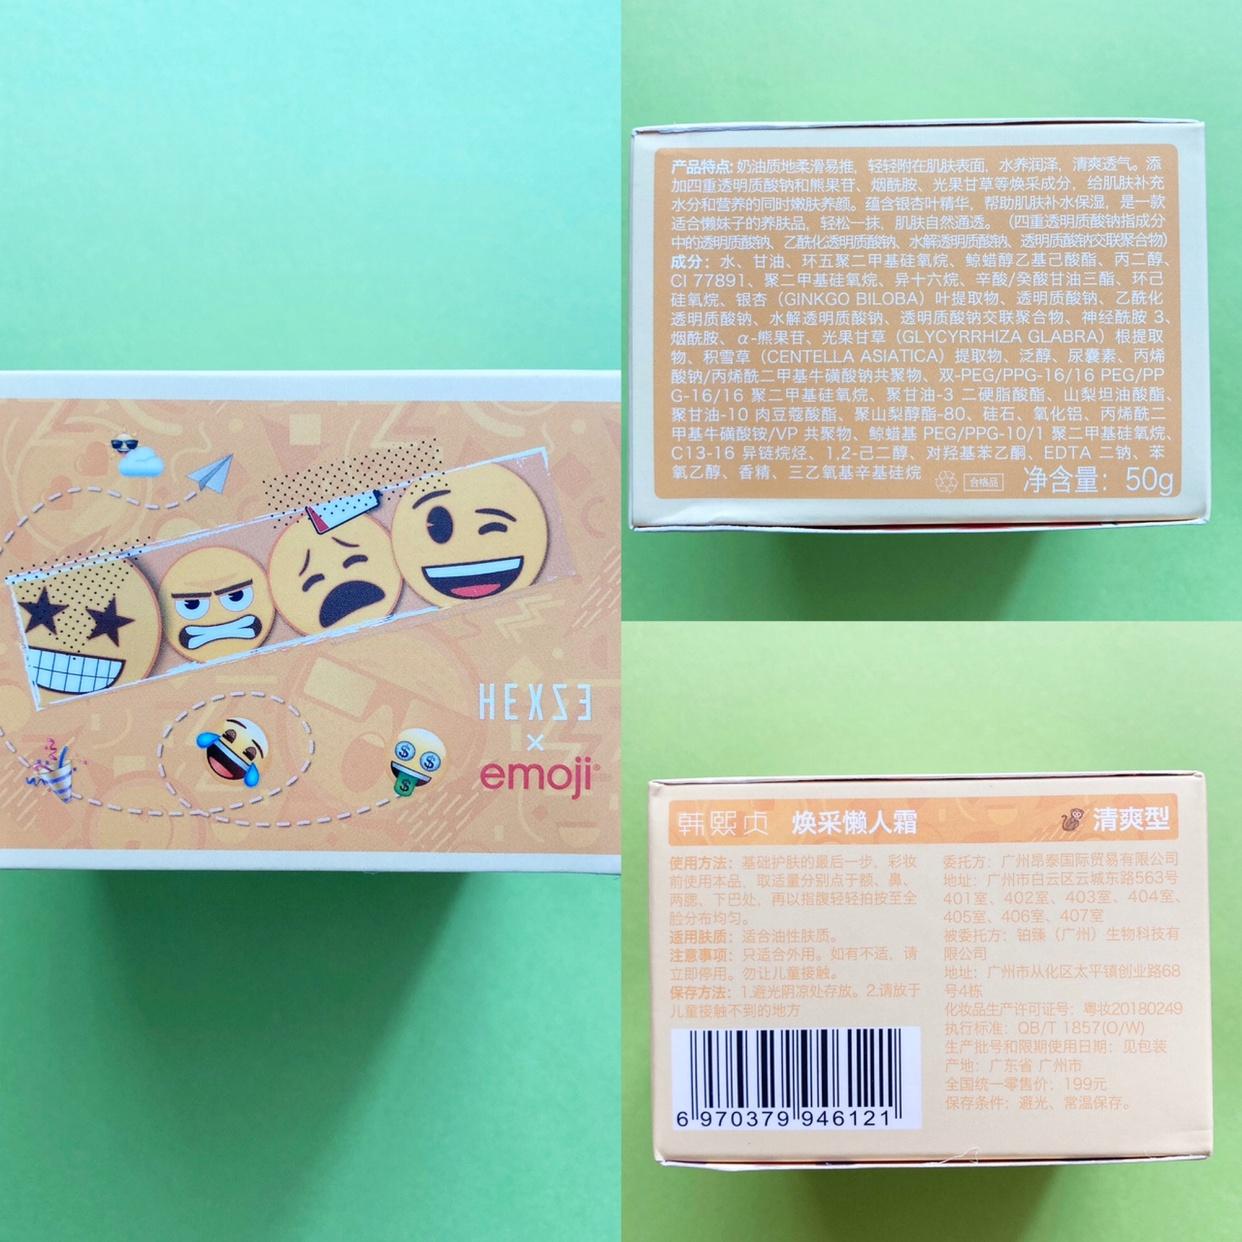 HEXZE(ヘックスゼ) emoji モイスト ジェル クリームに関するyunaさんの口コミ画像1